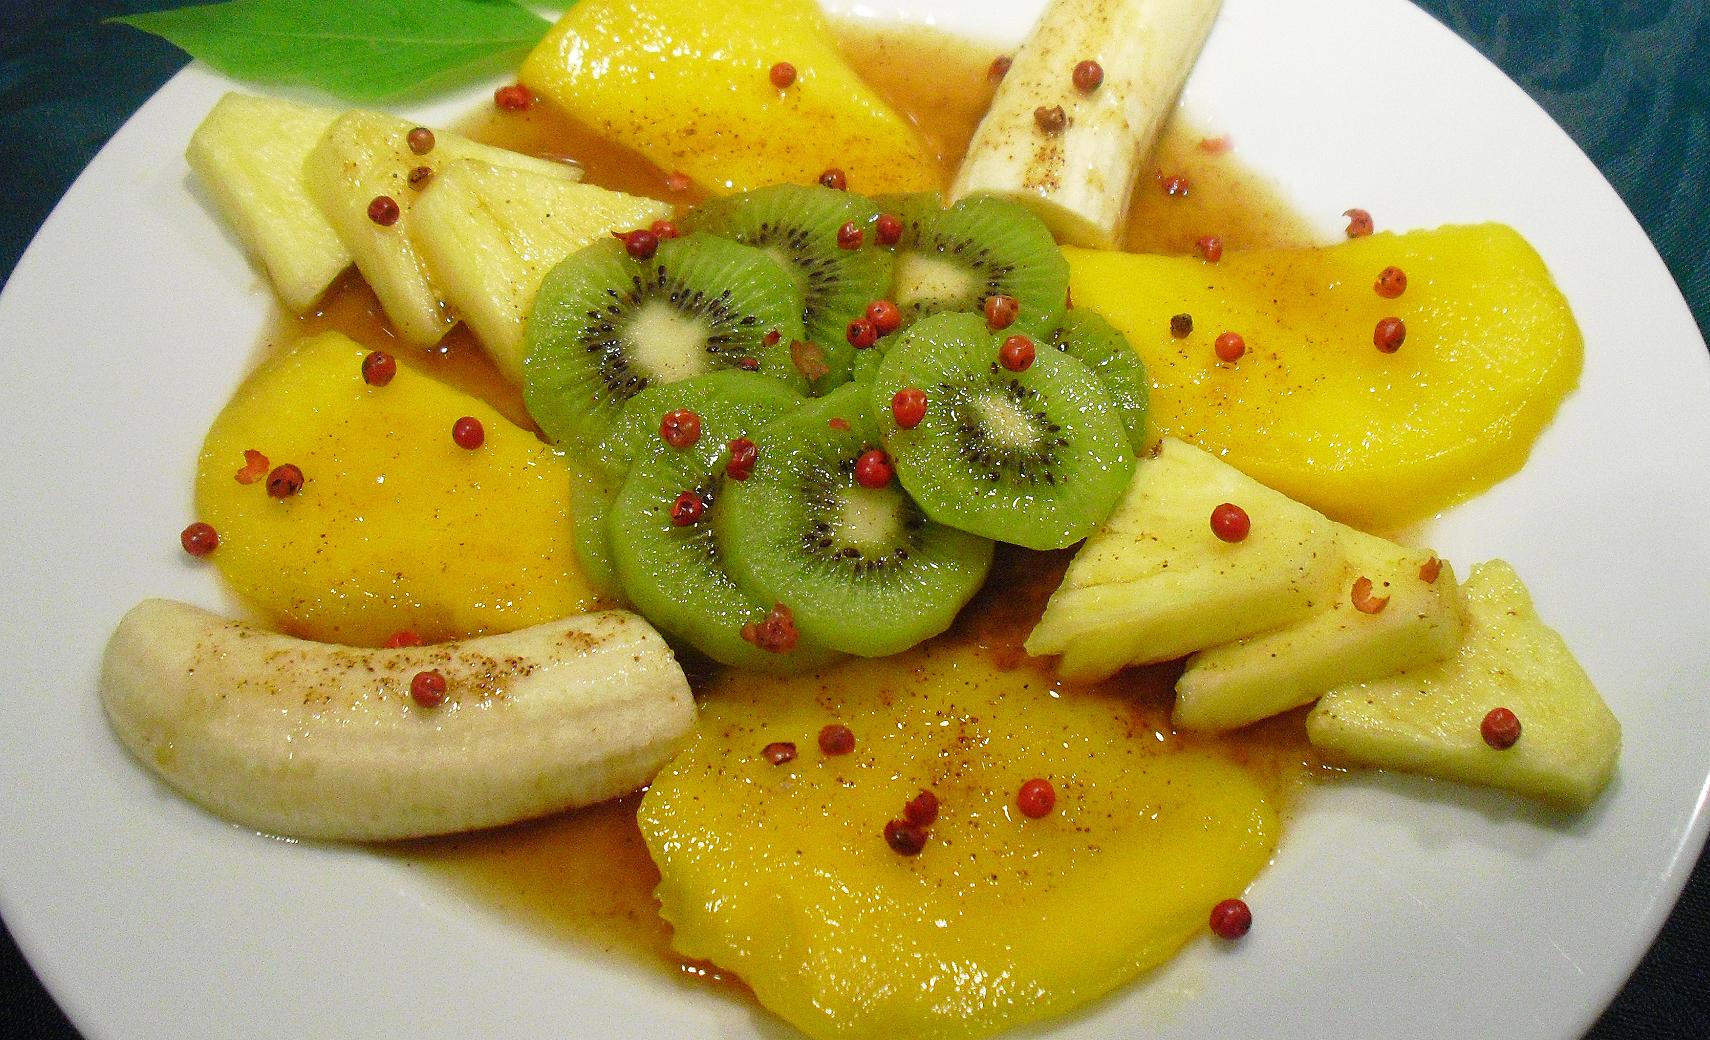 Salade de fruits frais - La recette facile par Toqués 2 Cuisine